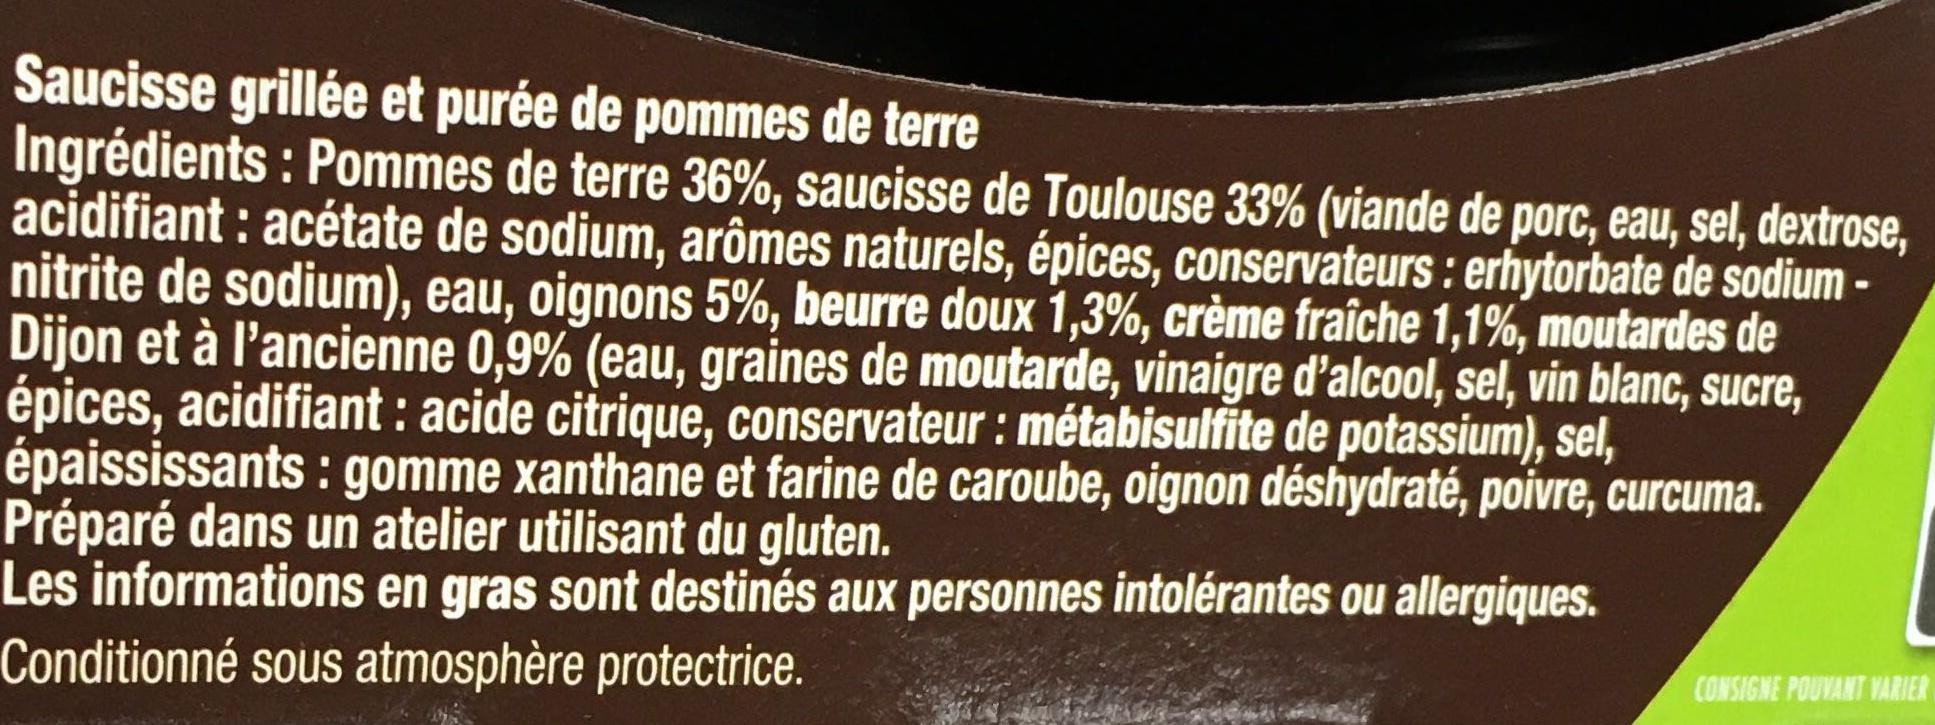 Saucisse Grillée & Purée de Pomme de Terre - Ingrédients